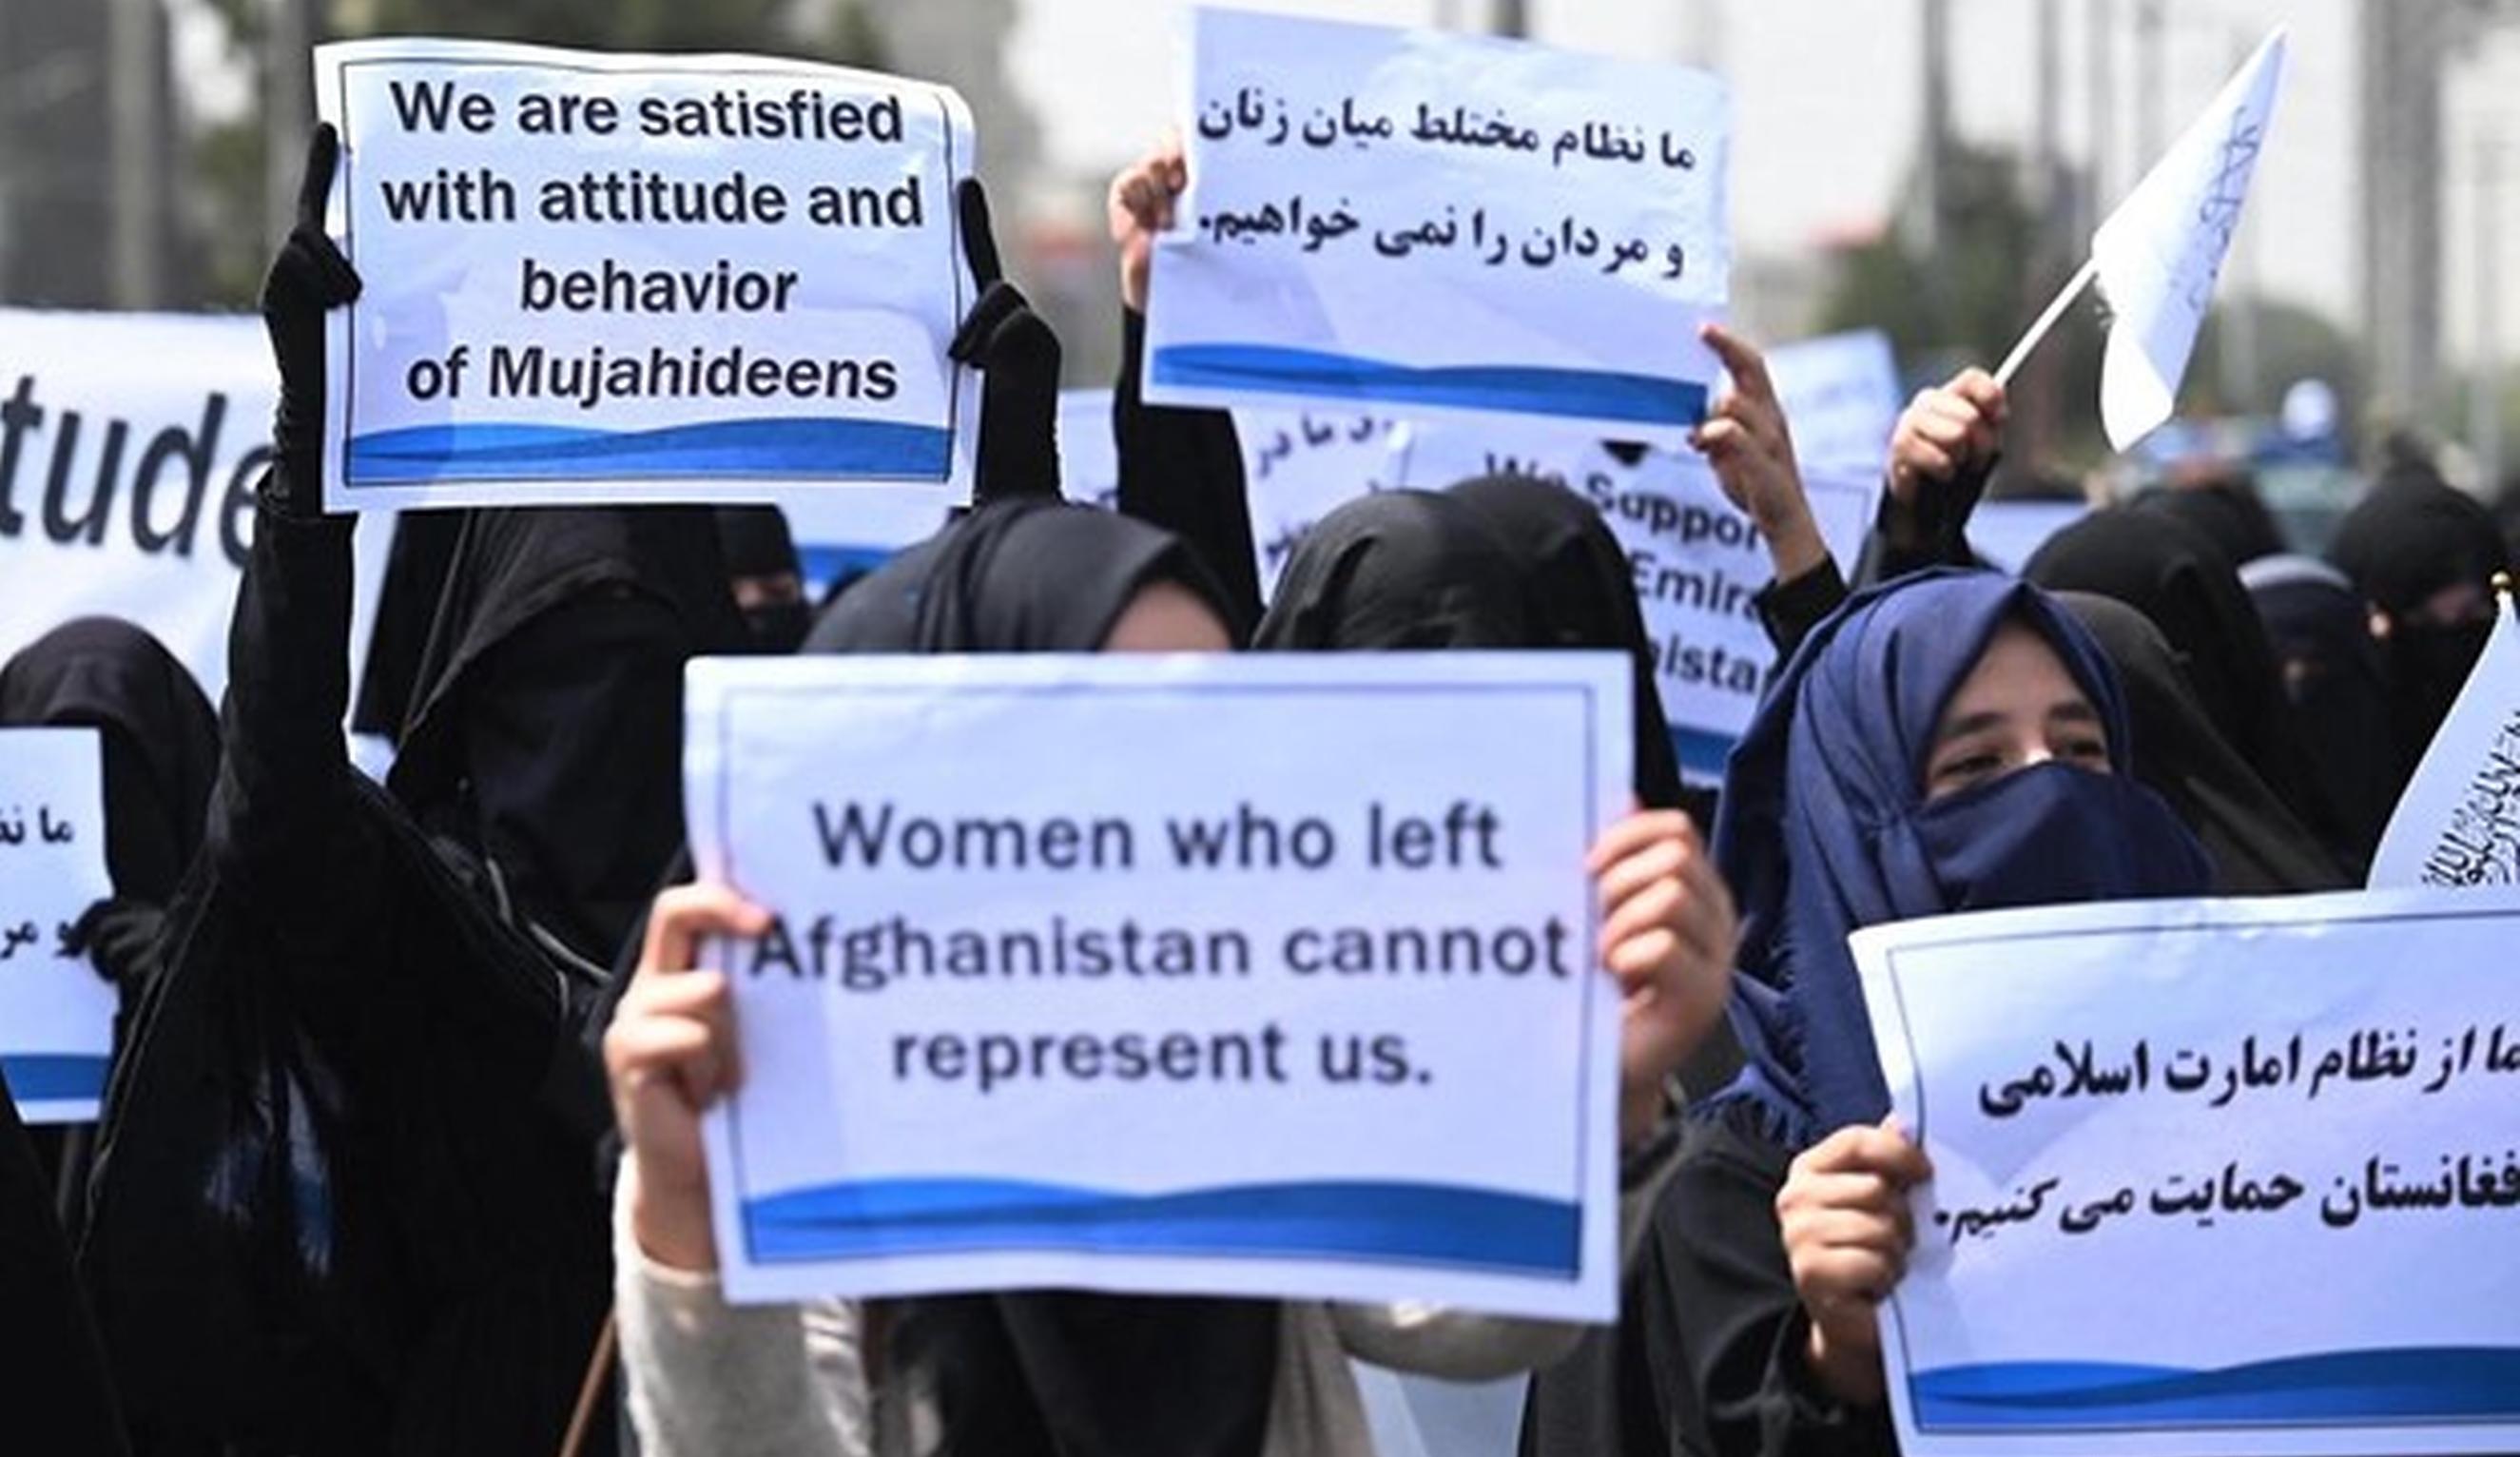 """Sute de femei afgane iau apărarea talibanilor. """"Suntem satisfăcute de atitudinea mujahedinilor"""""""